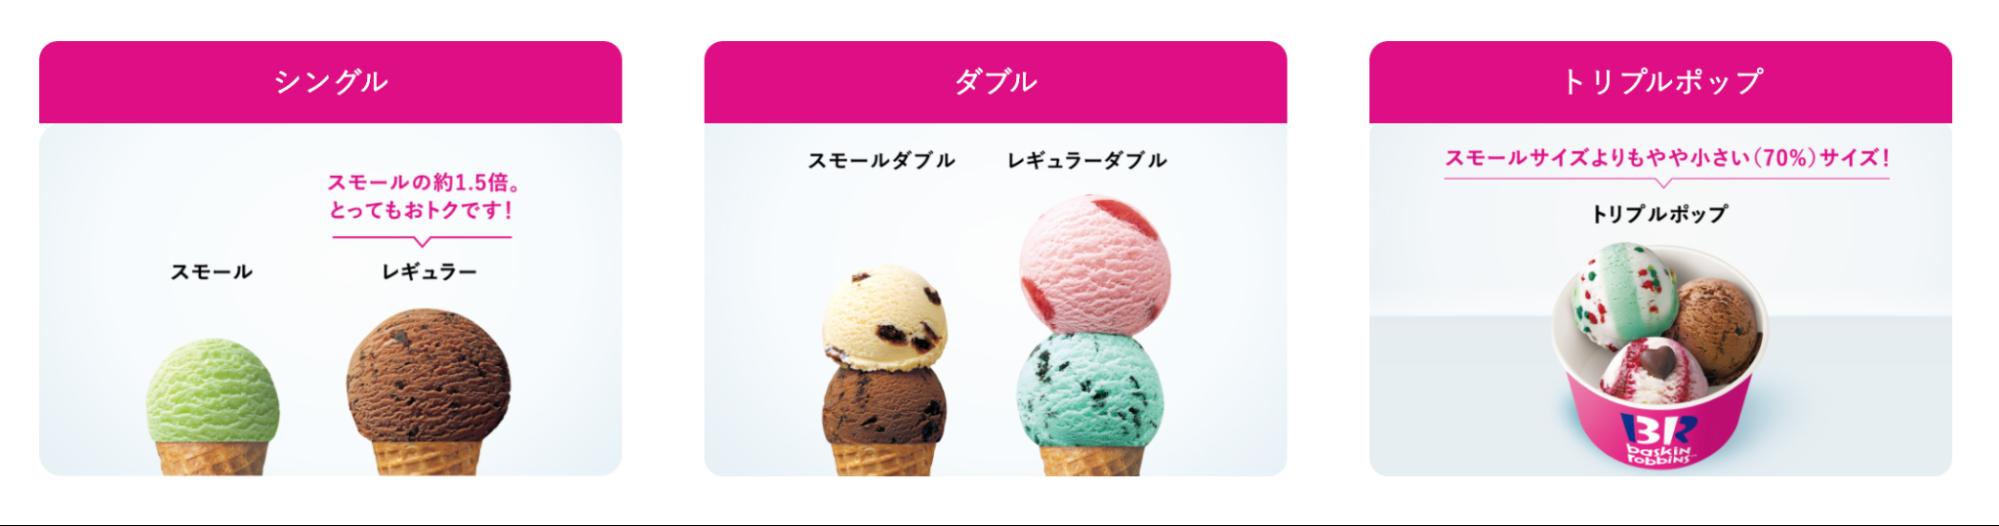 アイスのサイズと種類の写真